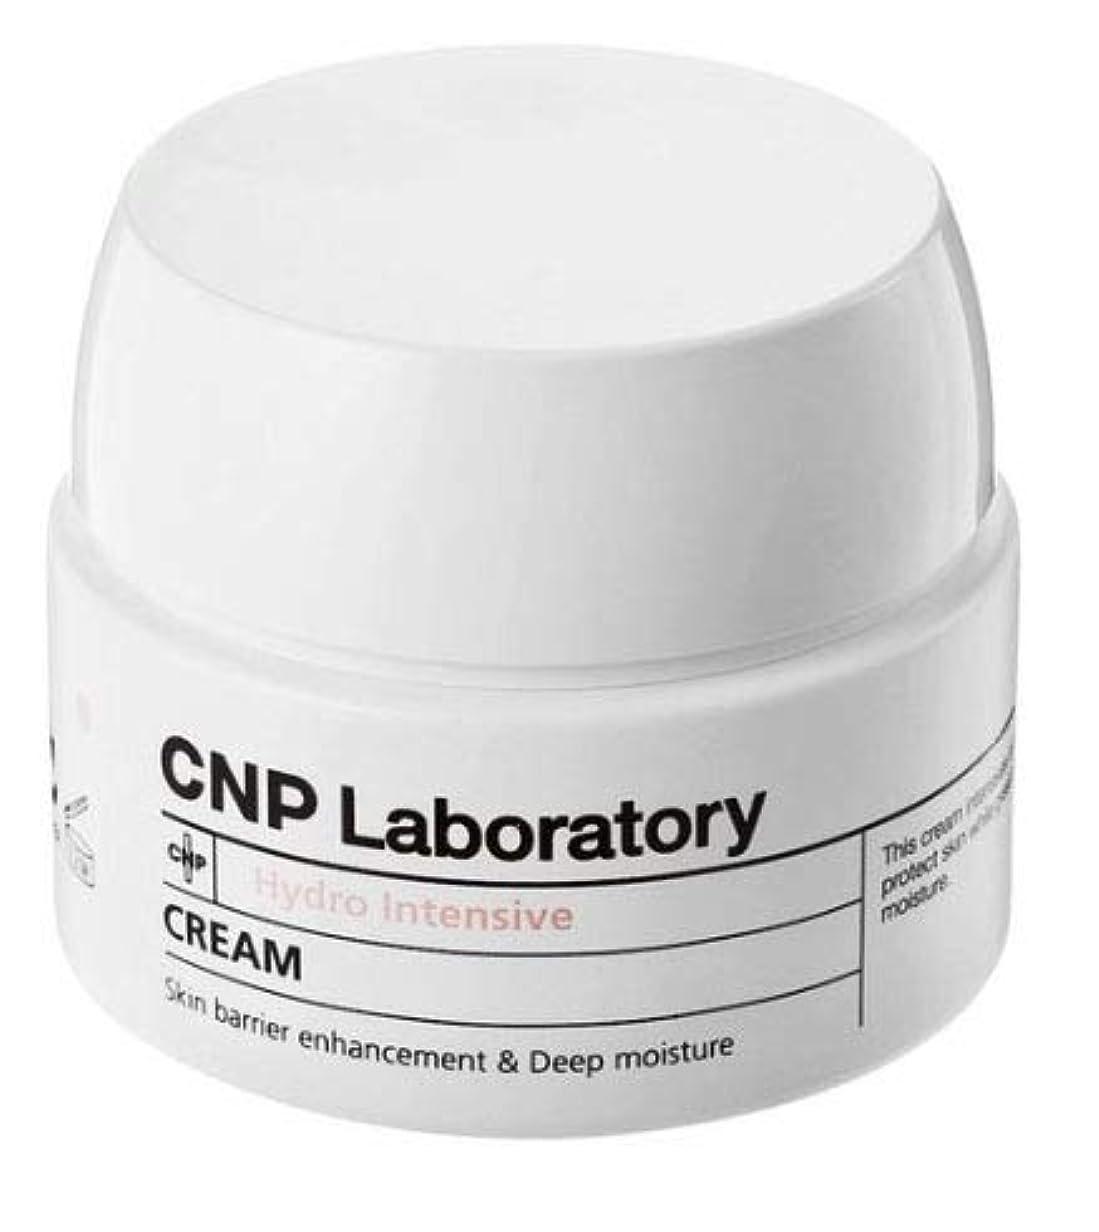 ストレージ表示自伝CNPハイドロインテンシブクリーム50ml水分クリーム韓国コスメ、CNP Hydro Intensive Cream 50ml Korean Cosmetics [並行輸入品]